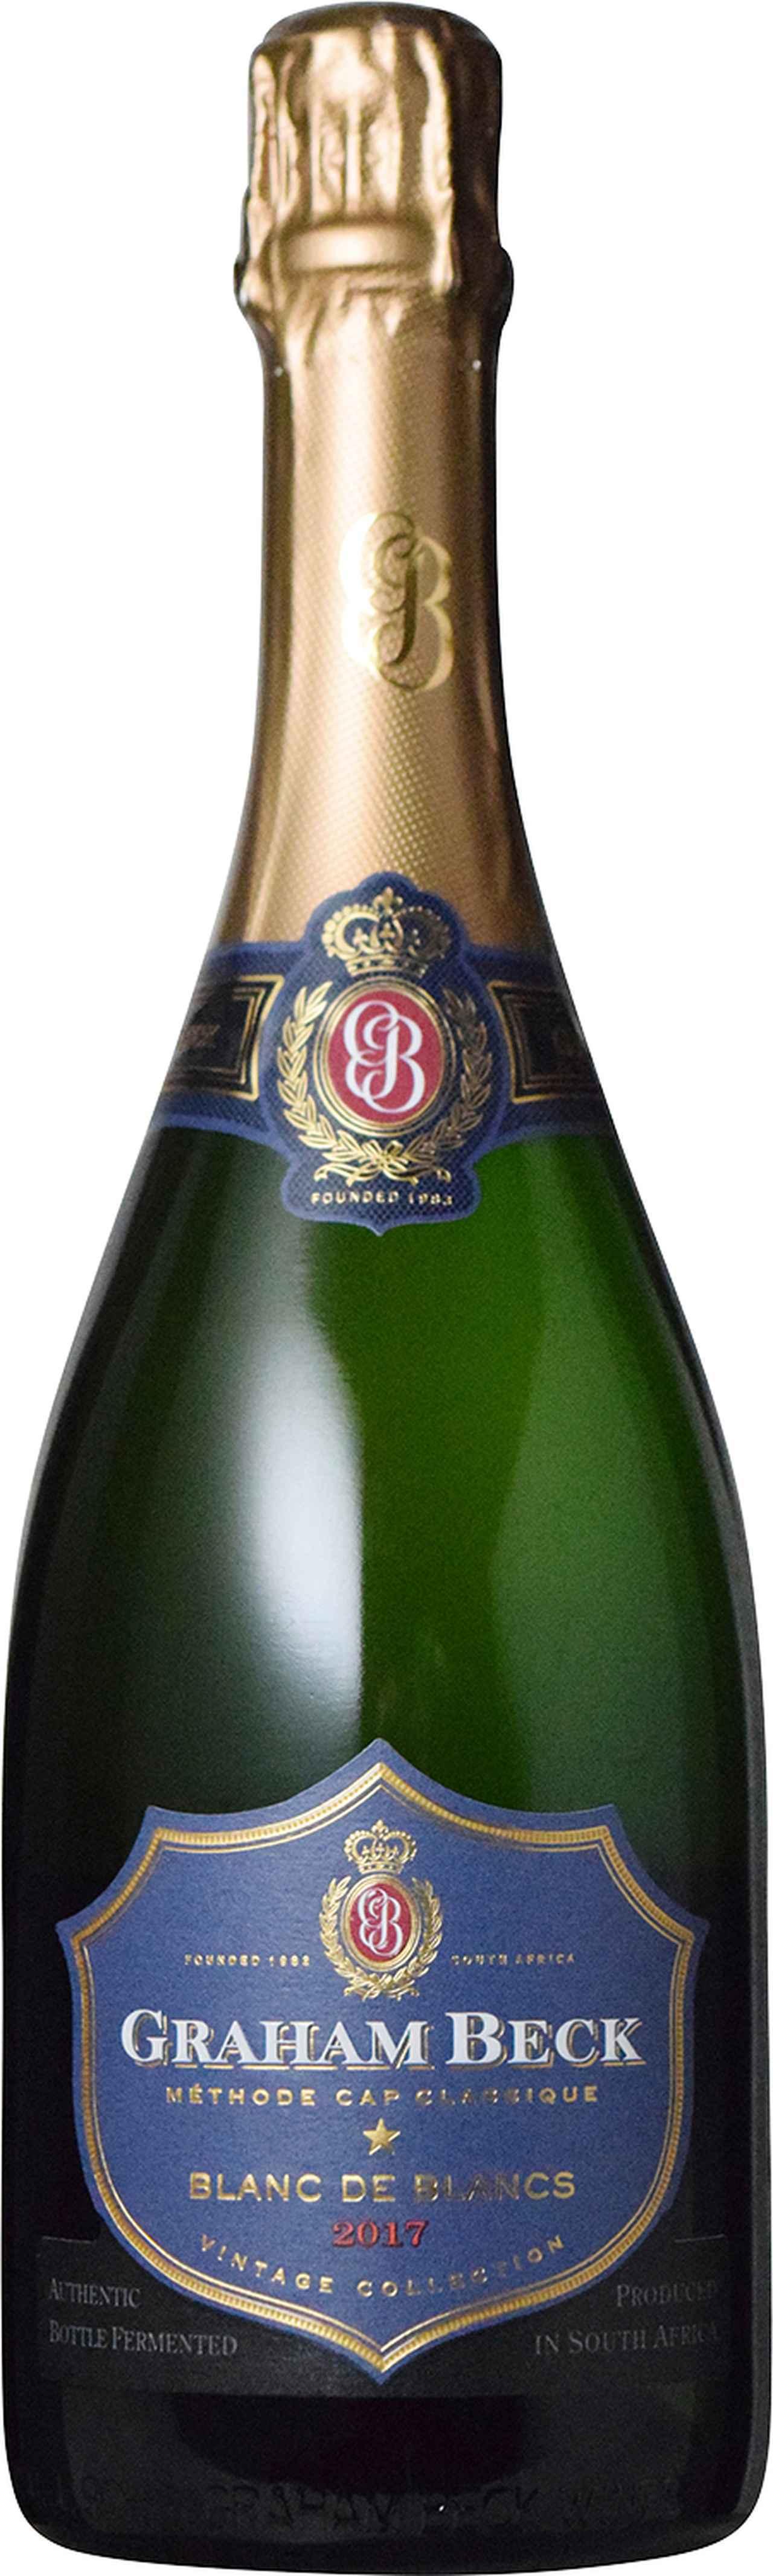 画像3: 南アフリカのスパークリングワイン「キャップ・クラシック」と 「グラハム・ベック・ワインズ」の美味しさの秘密